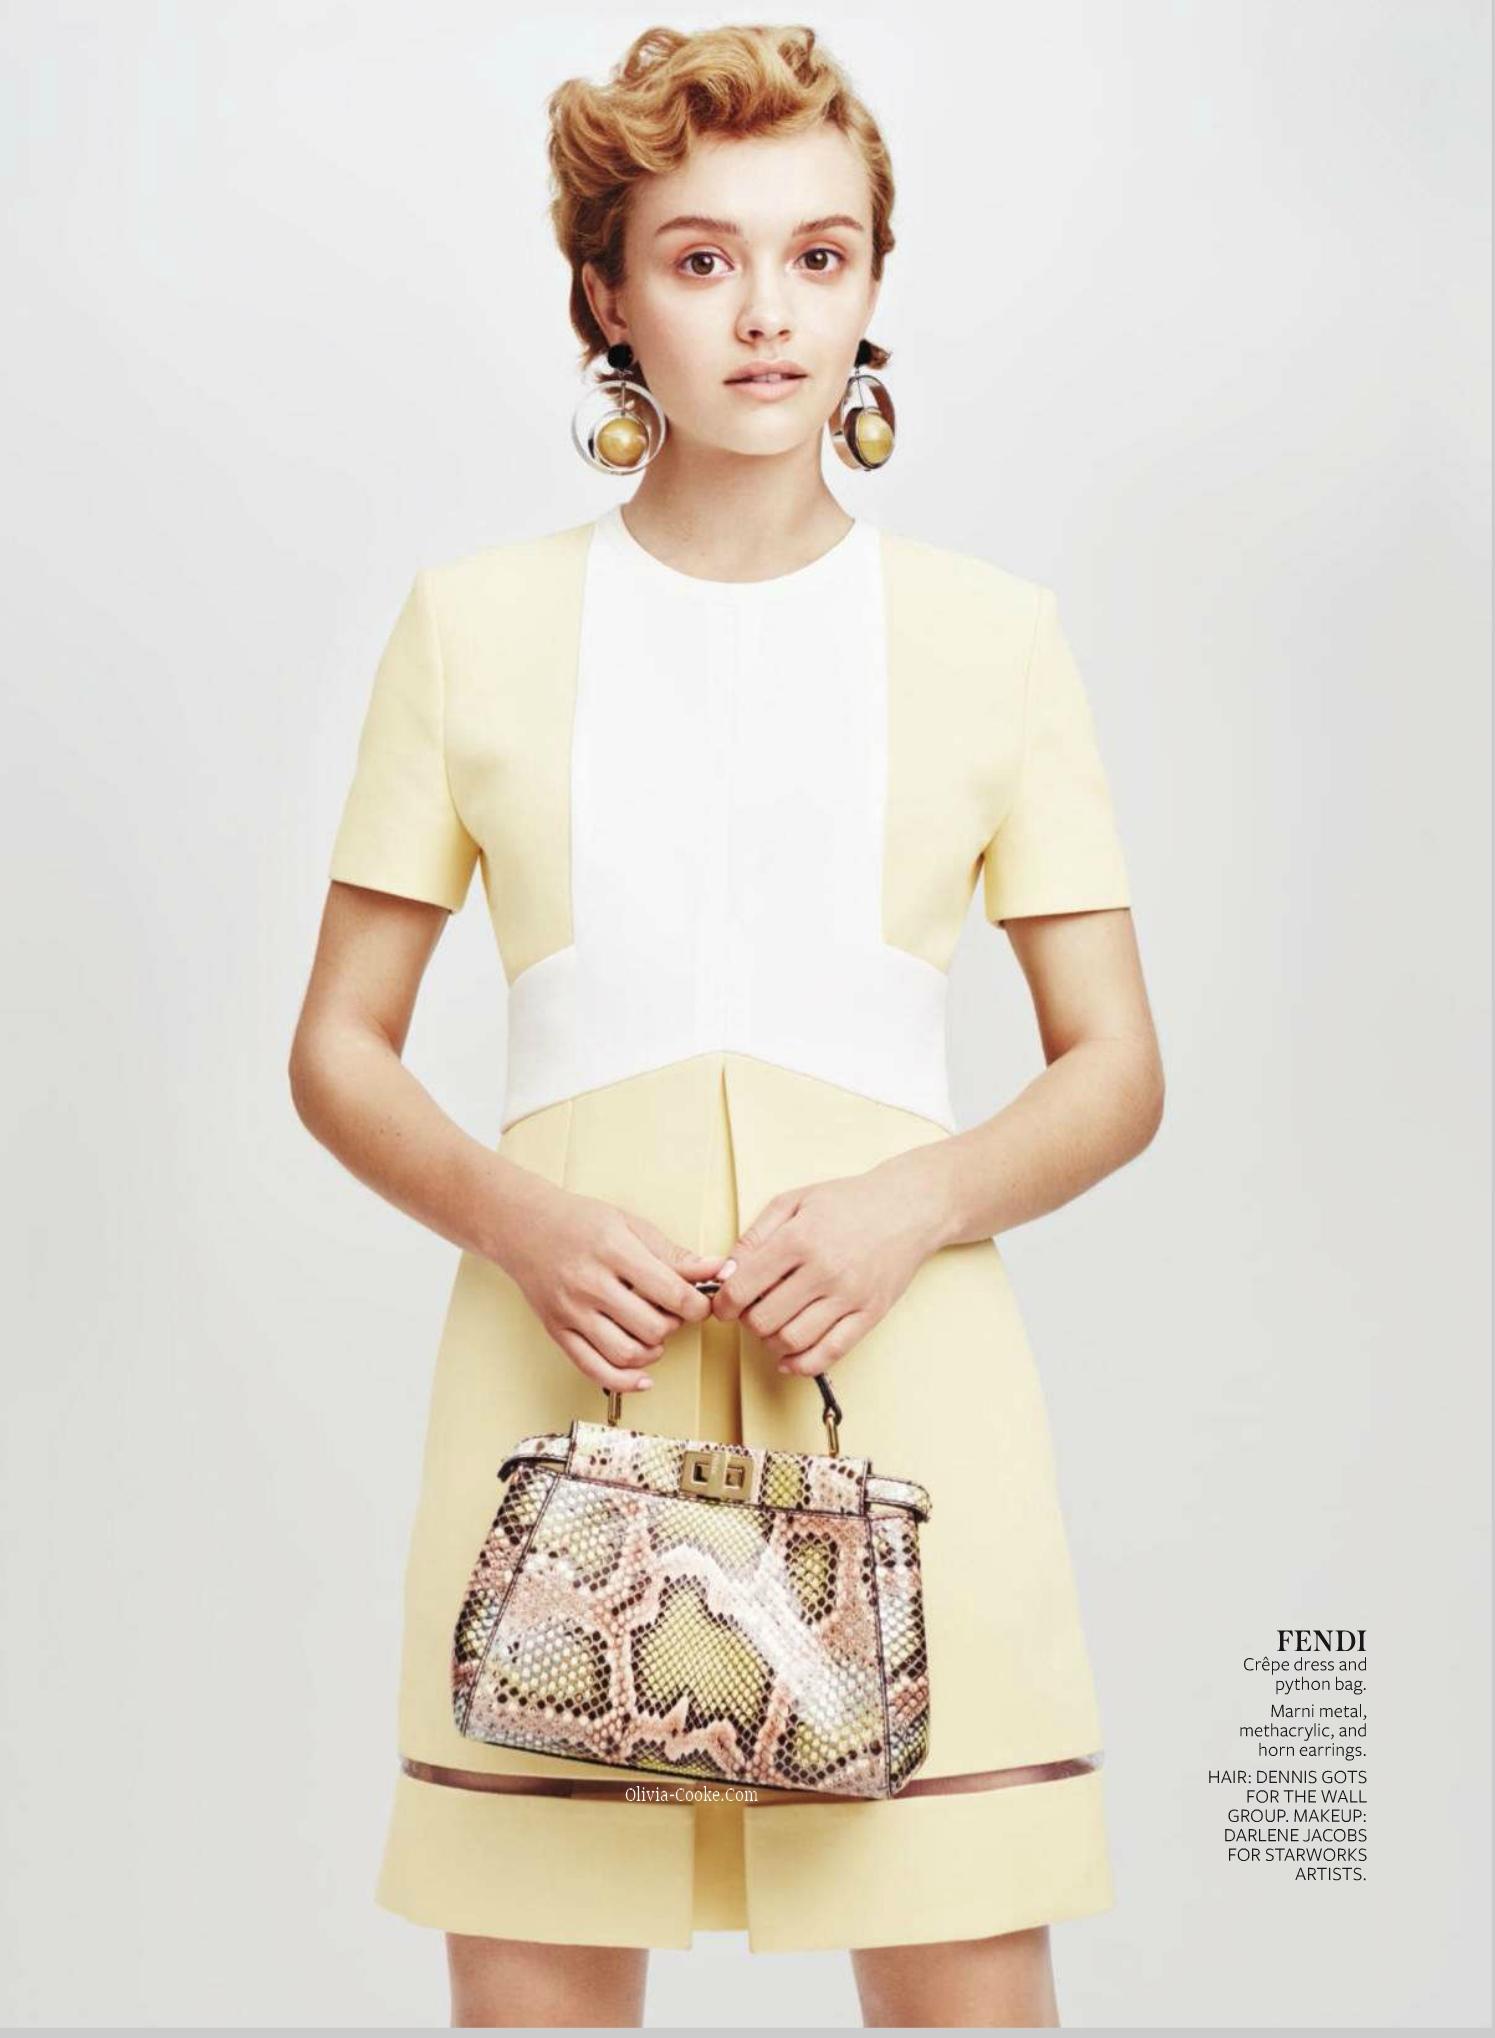 Olivia Cooke InStyle Magazine